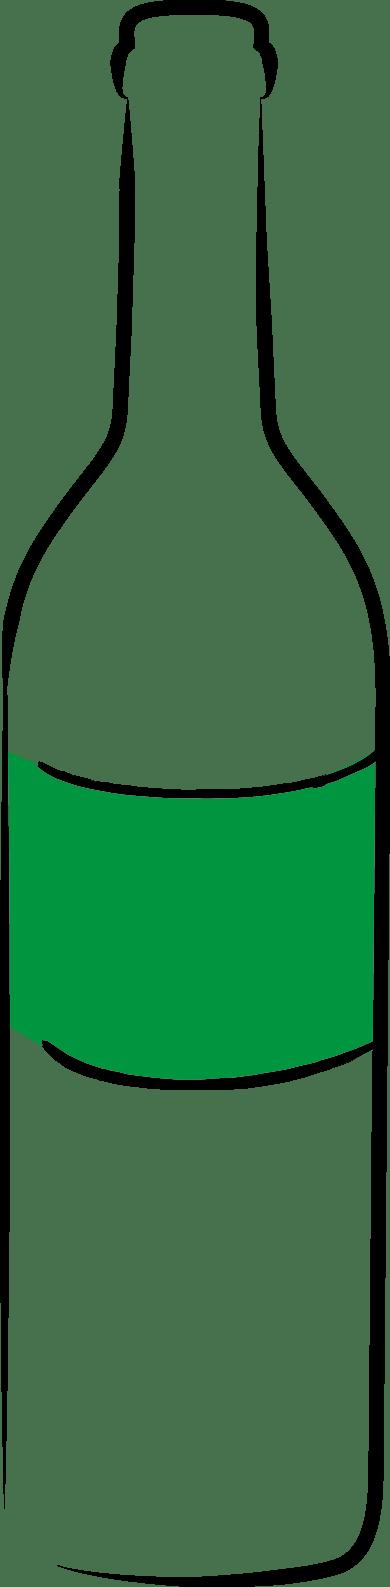 bottles_illu